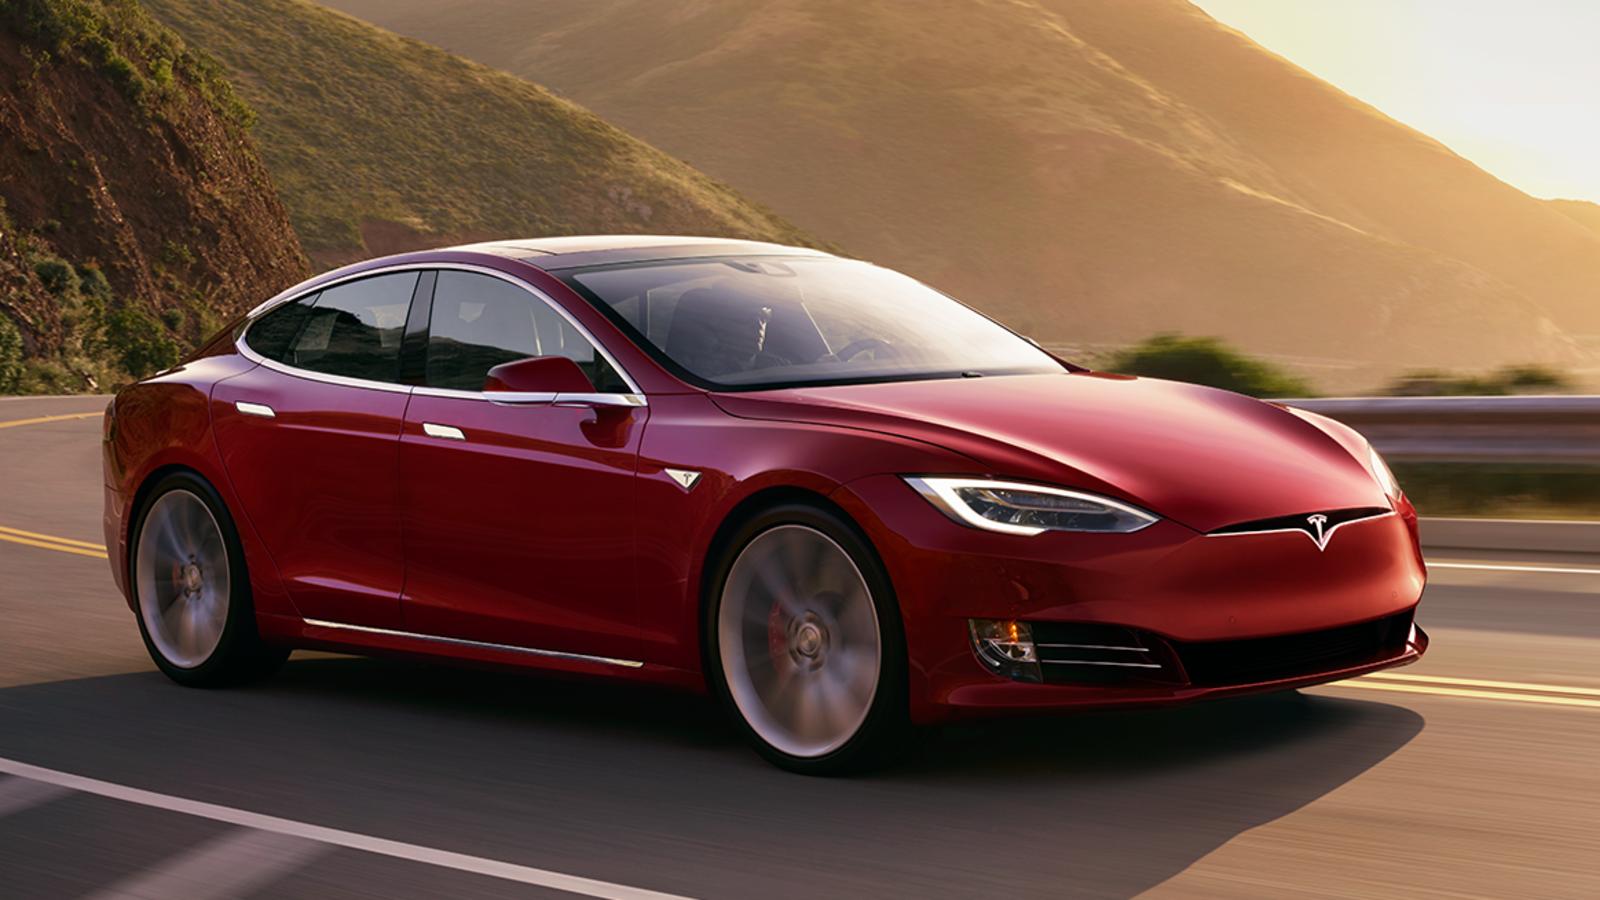 Tesla Model S segna il nuovo record tra le berline 4 porte a Laguna Seca thumbnail